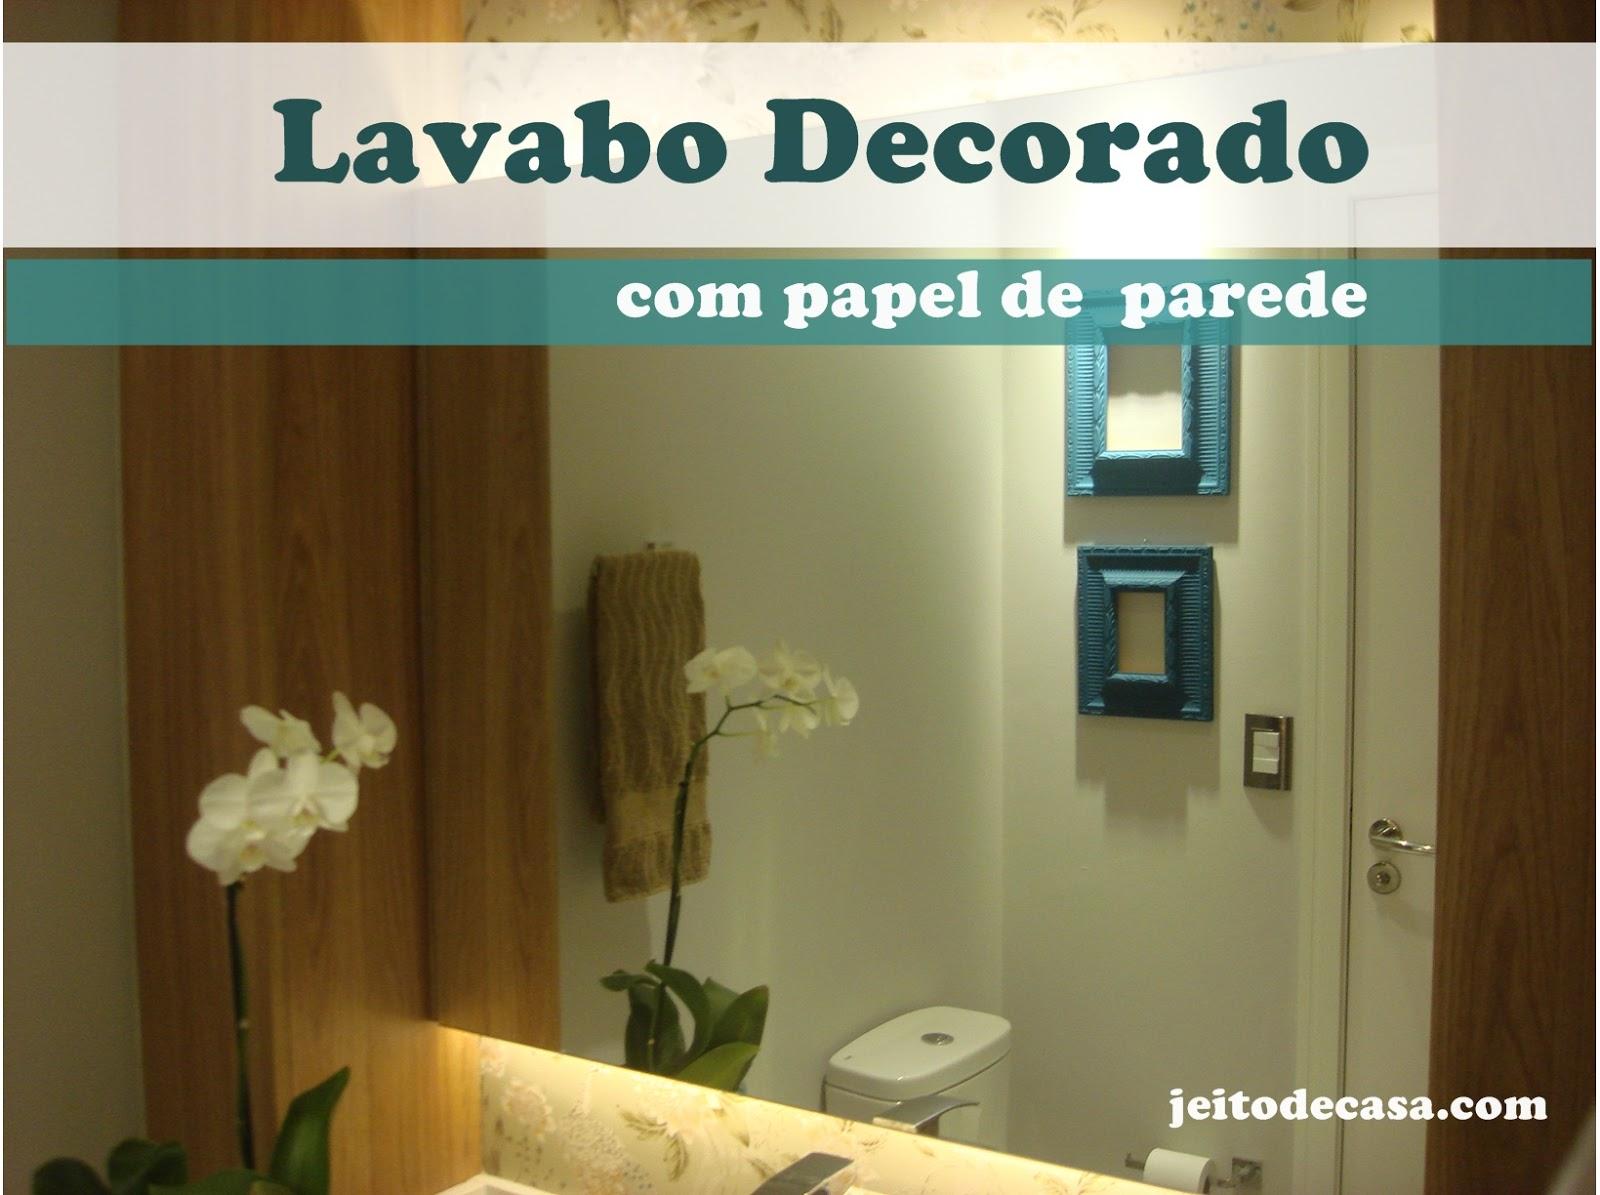 Lavabo decorado com papel de parede jeito de casa - Papel decorado para paredes ...